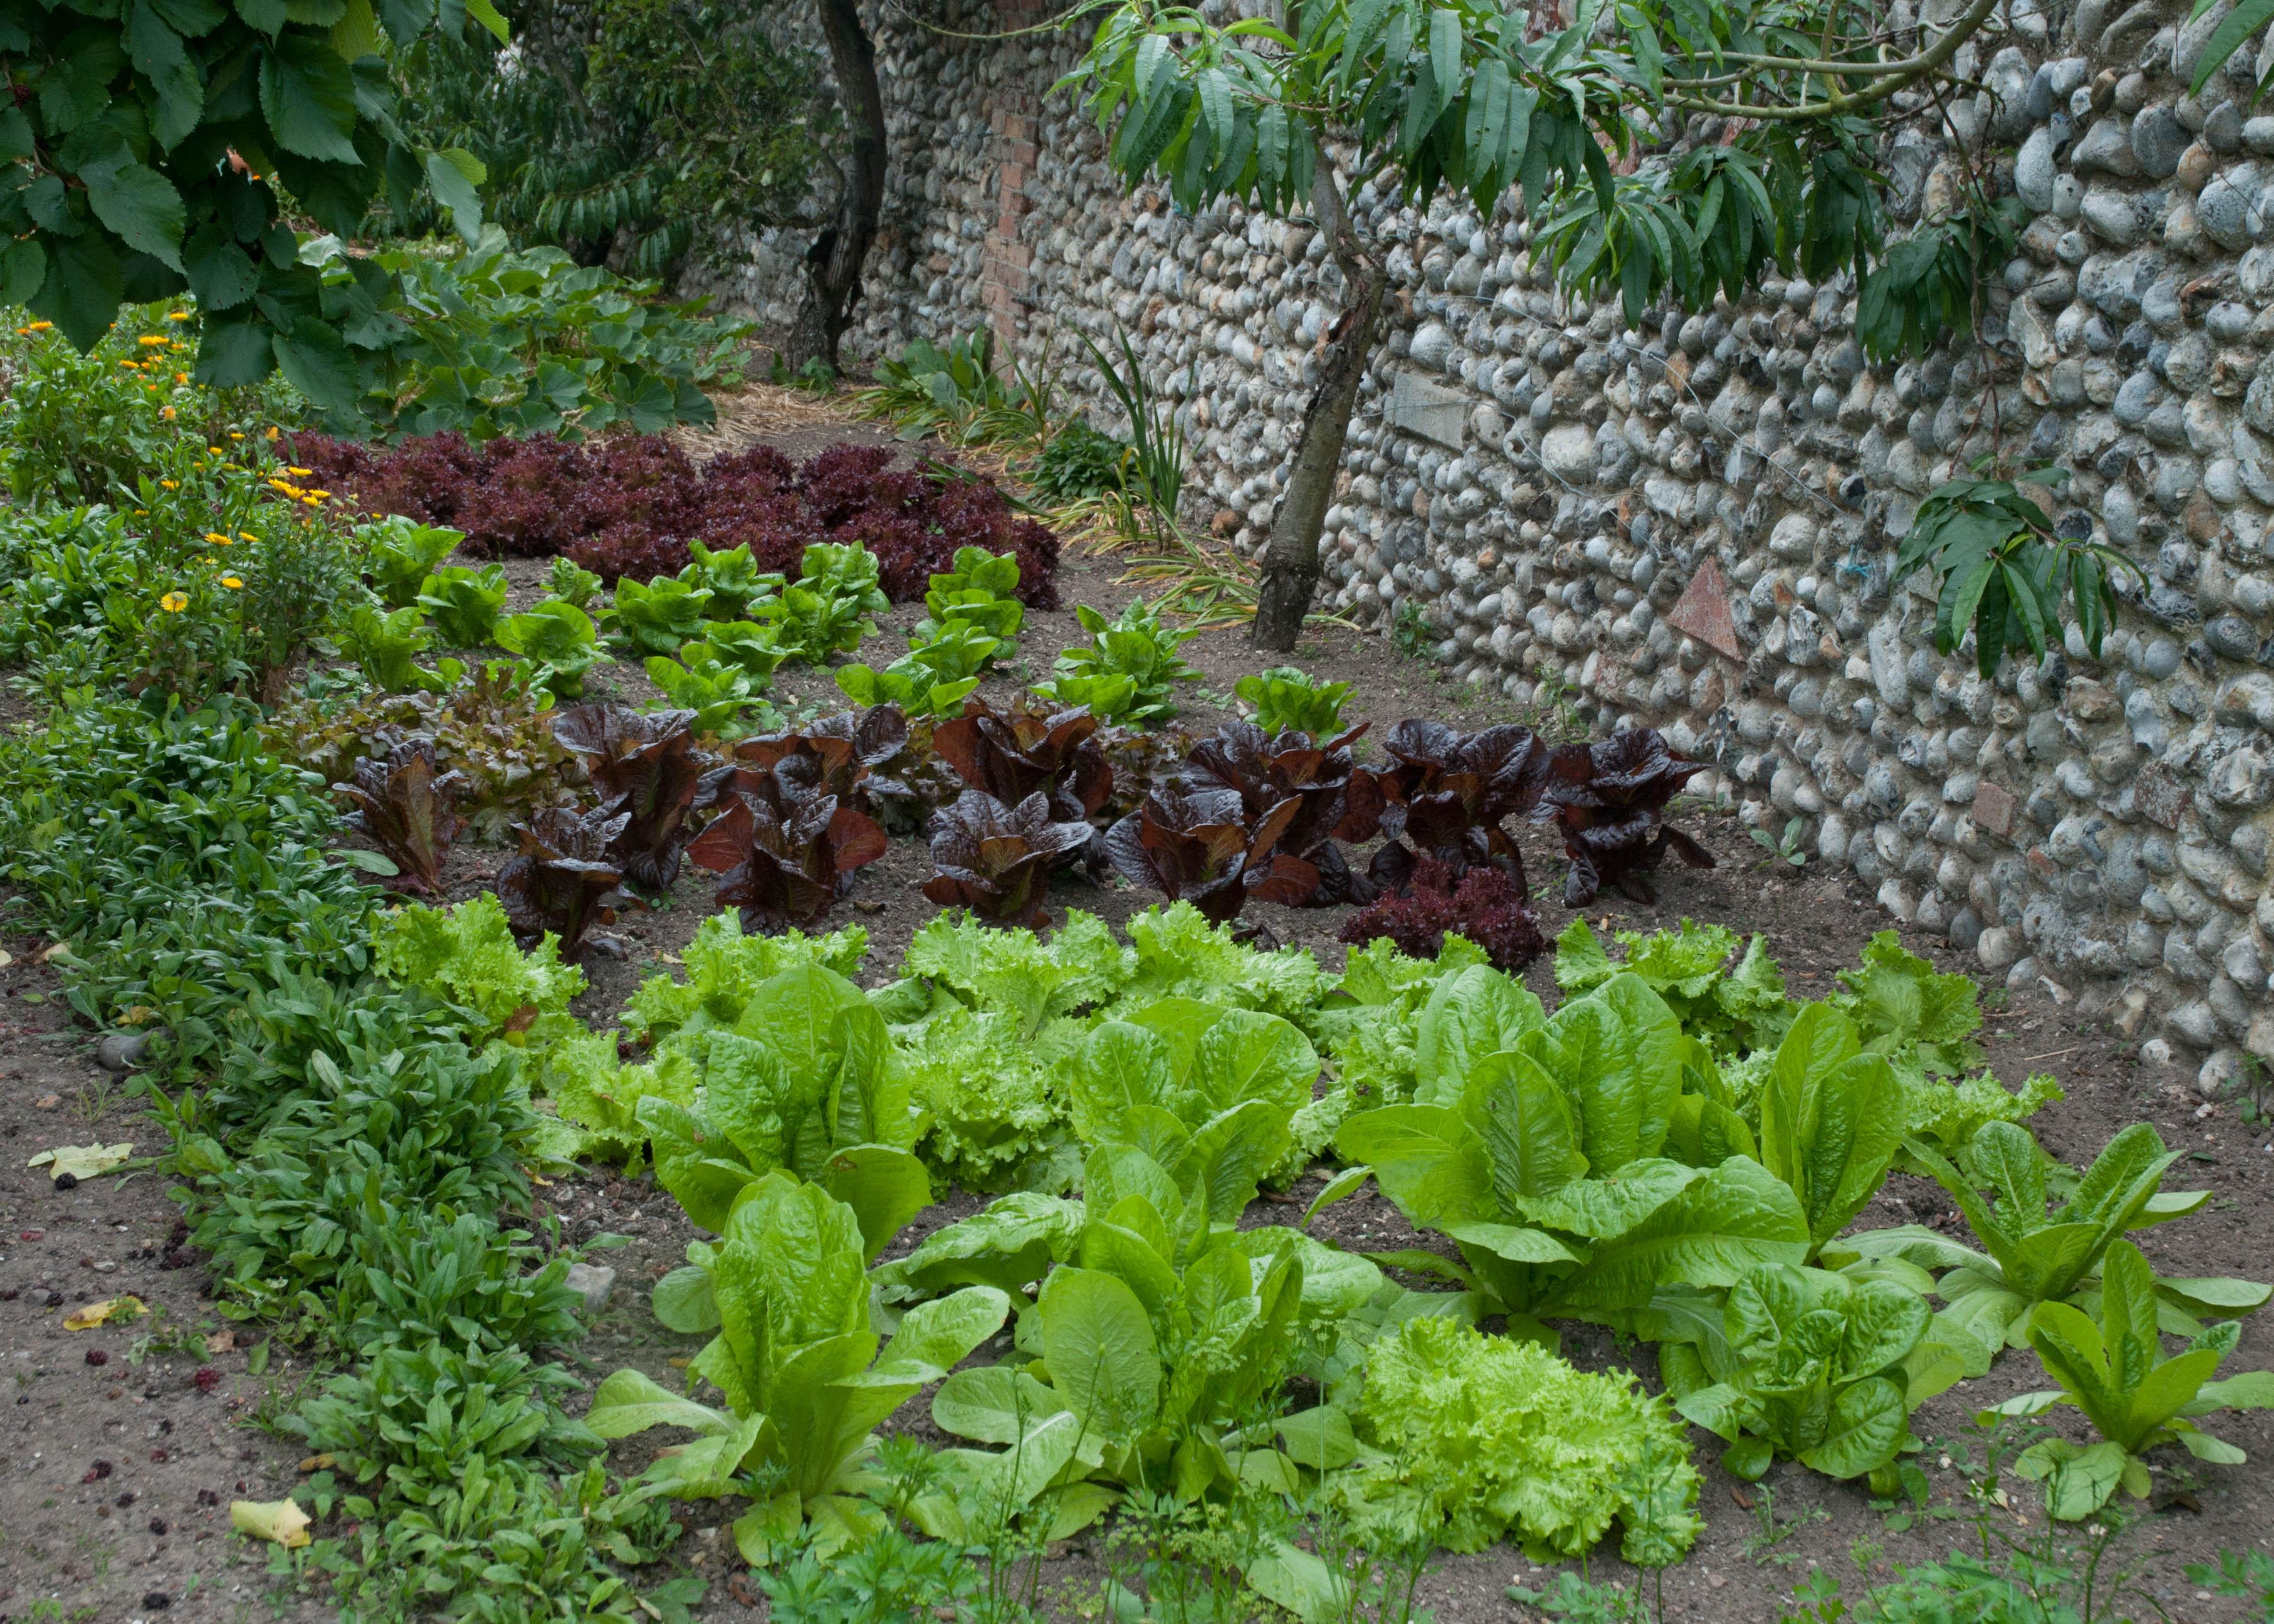 Jardins potager culture de vos l gumes et plantes for Culture des jardins